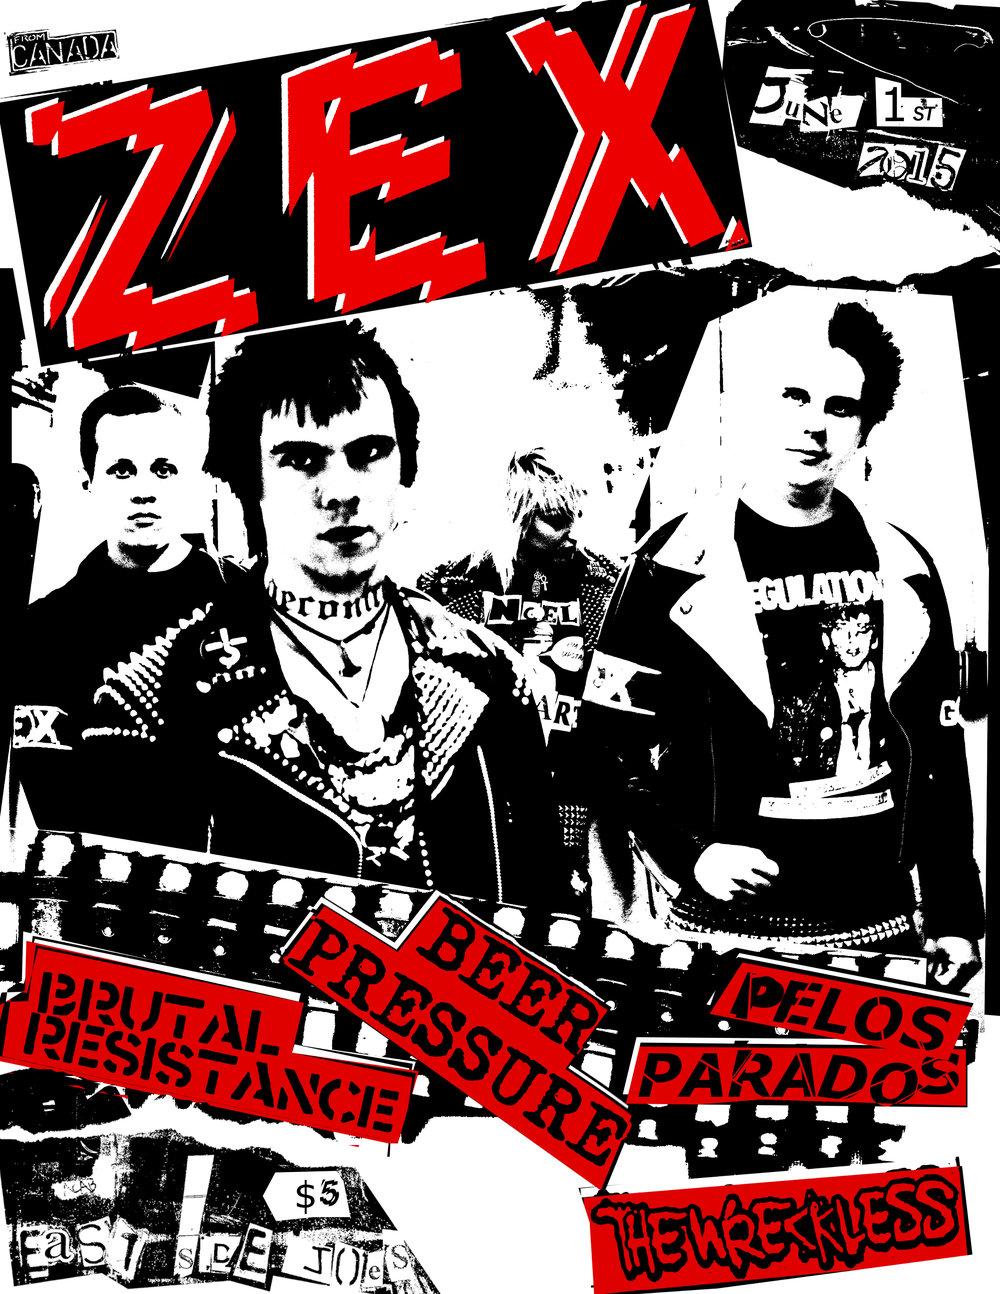 flyer-15.06.01-lasvegas-zex-red.jpg